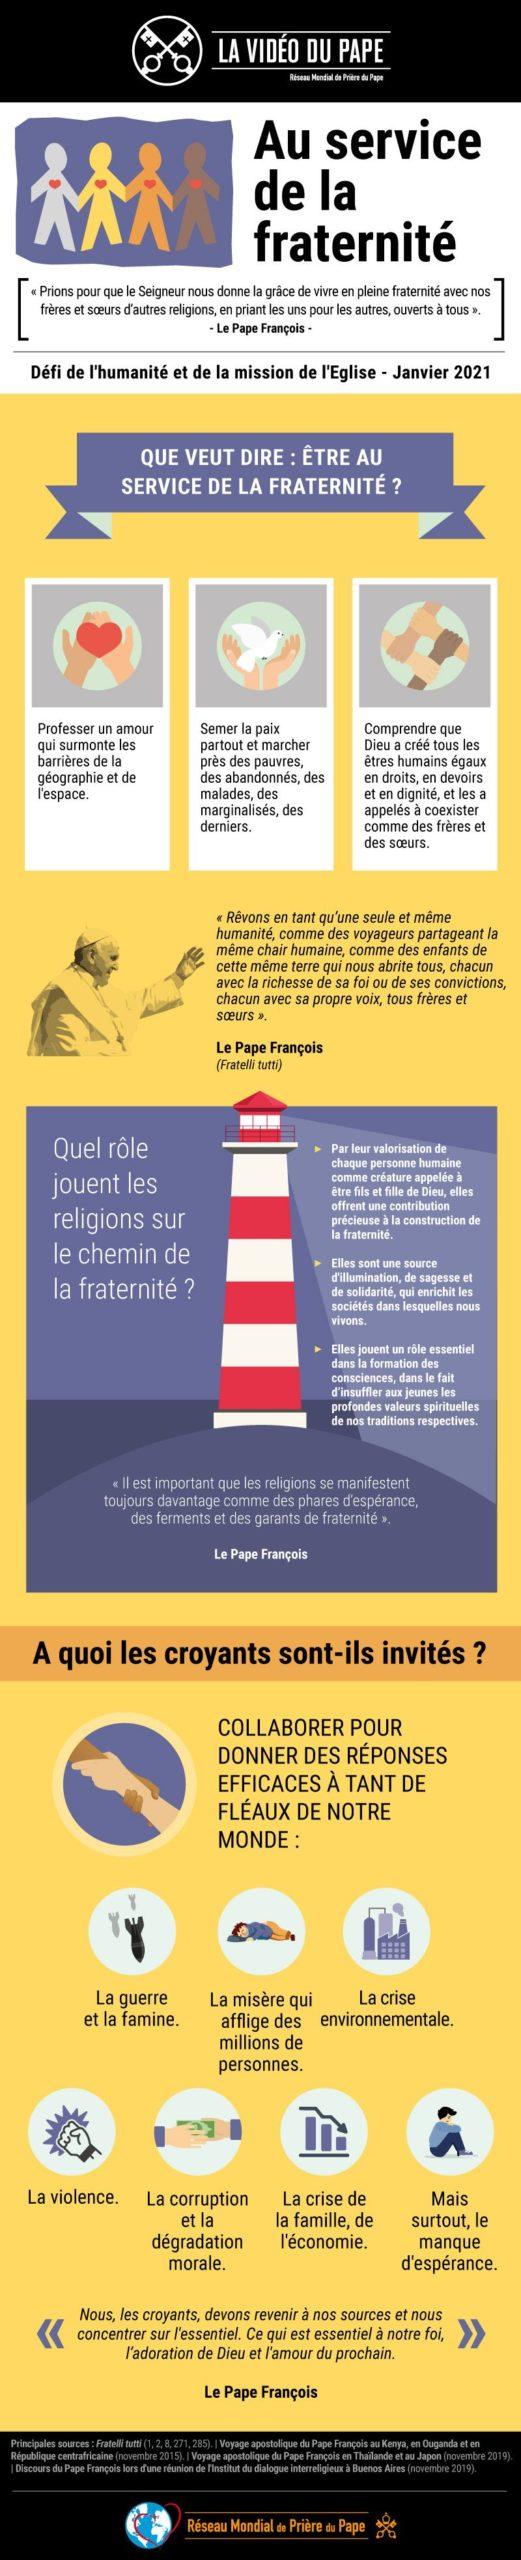 Infographic - TPV 1 2021 FR - La Vidéo du Pape - Au service de la fraternité